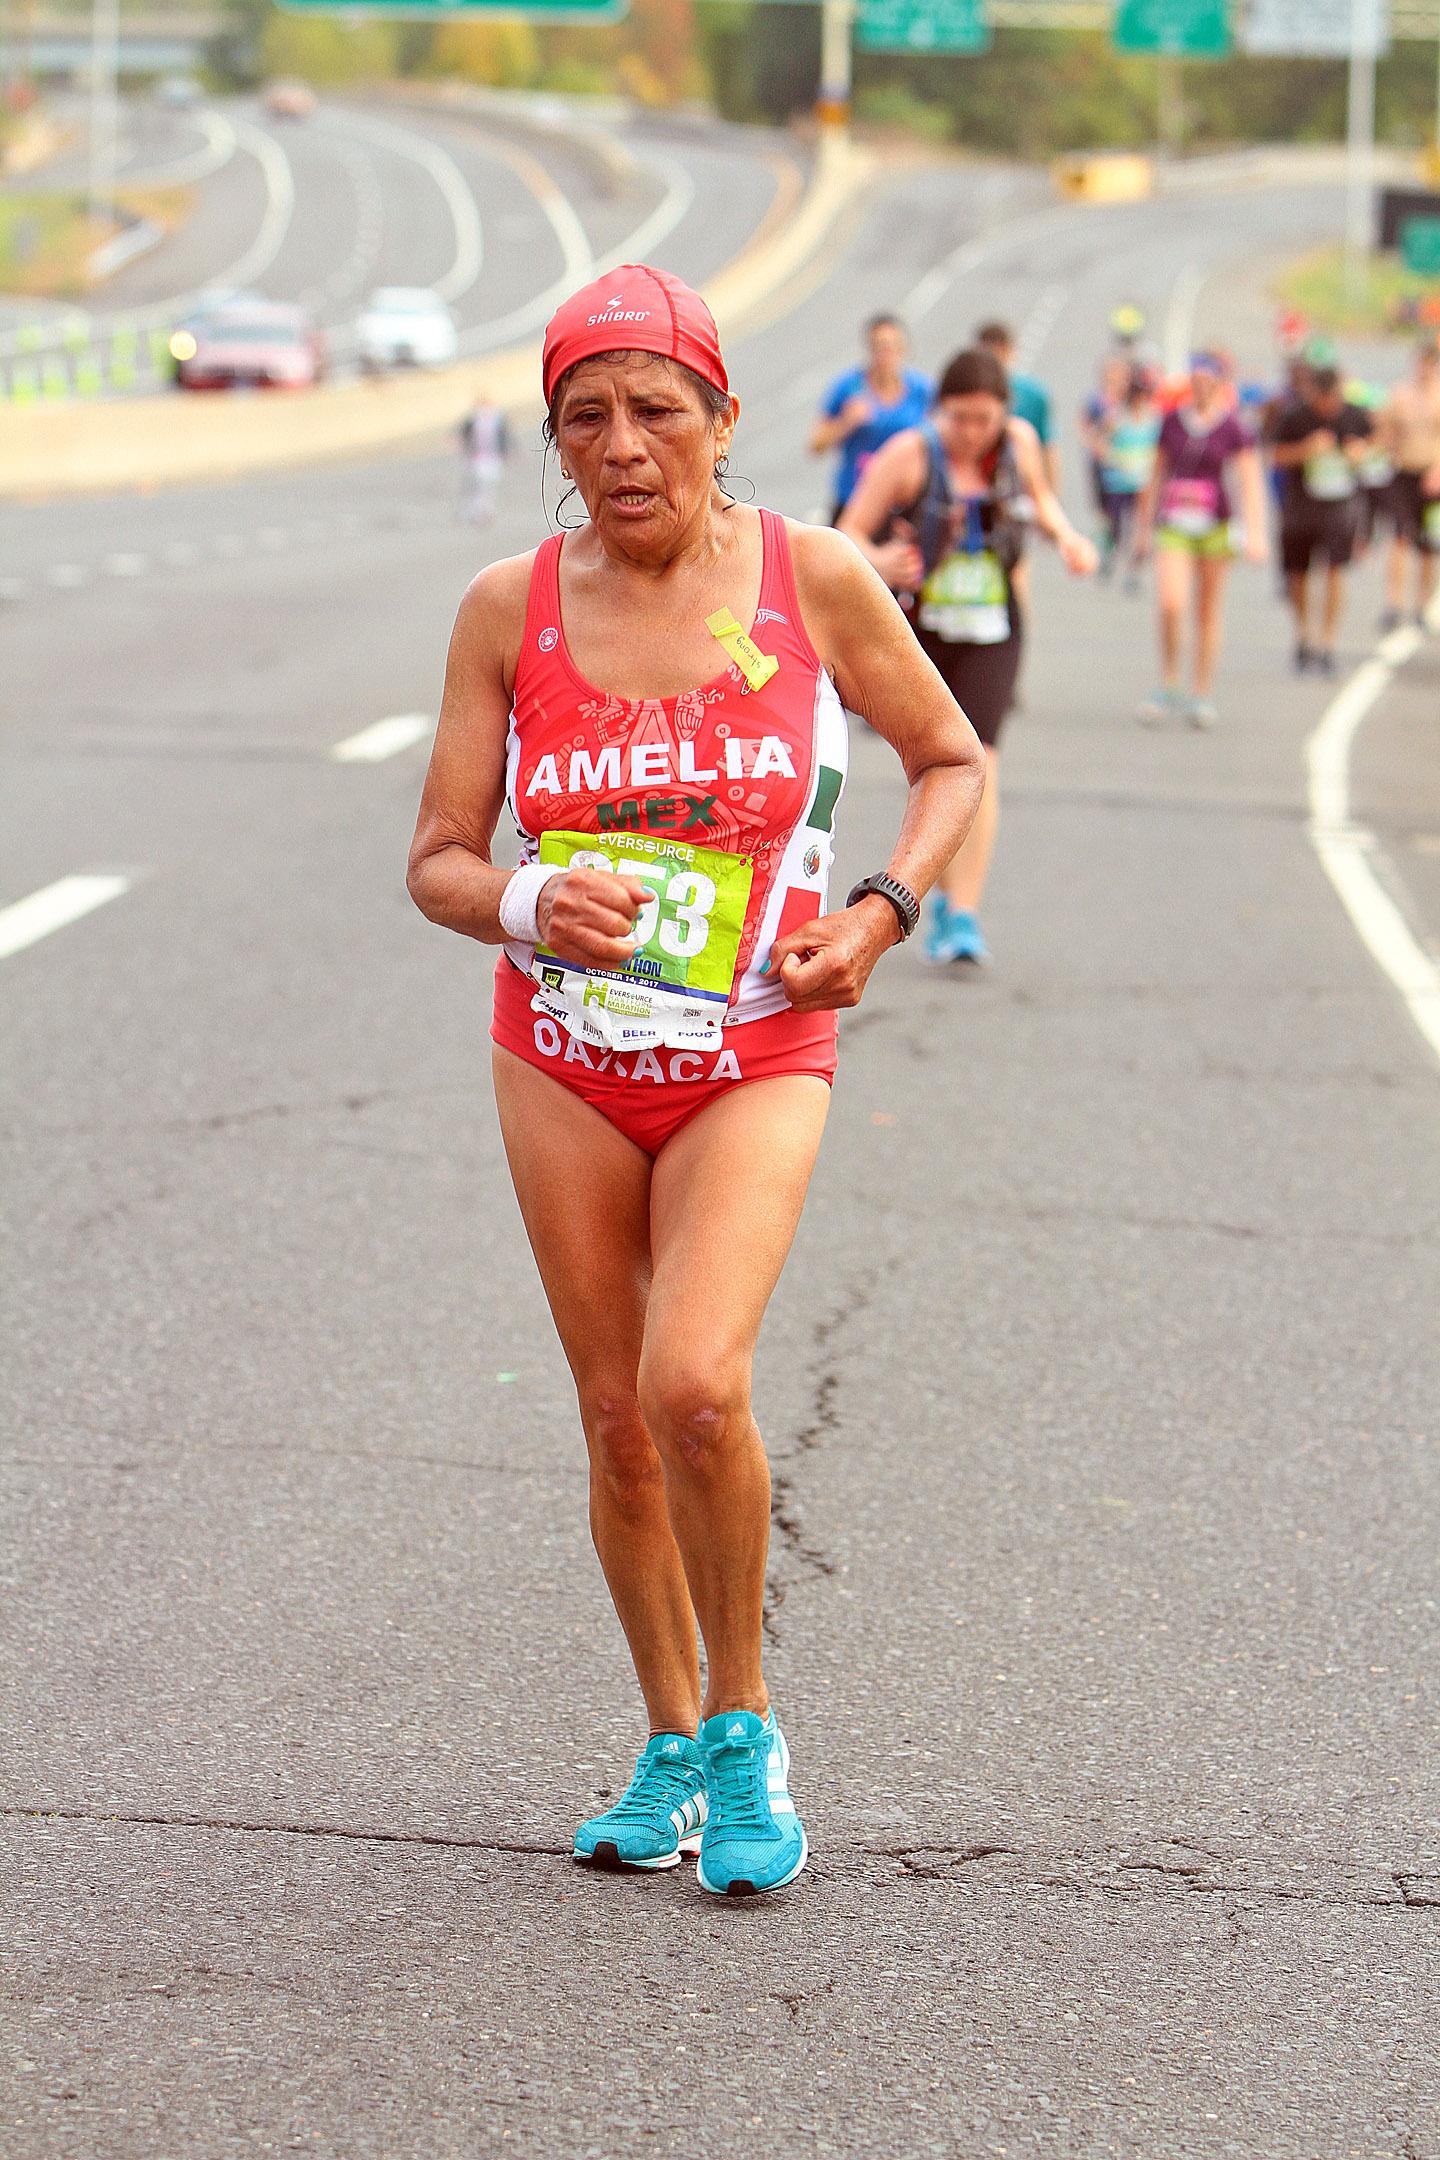 Confirma Amelia García su participación en el Medio Maratón Acreimex 2019 | El Imparcial de Oaxaca